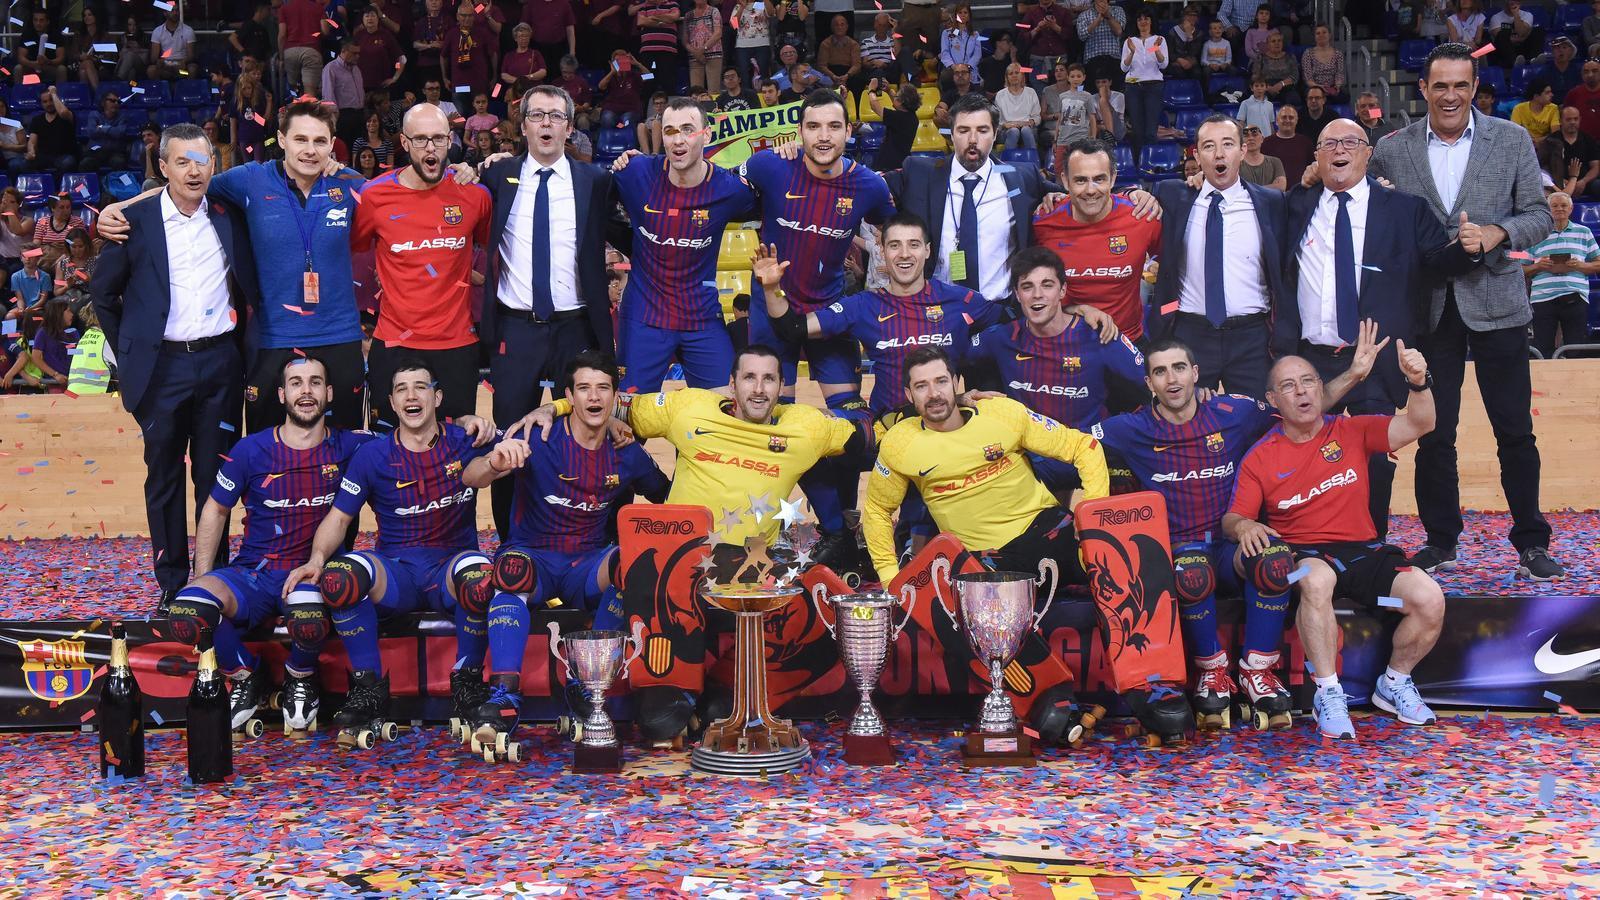 El Barça Lassa d'hoquei patins, celebrant els èxits d'aquesta temporada